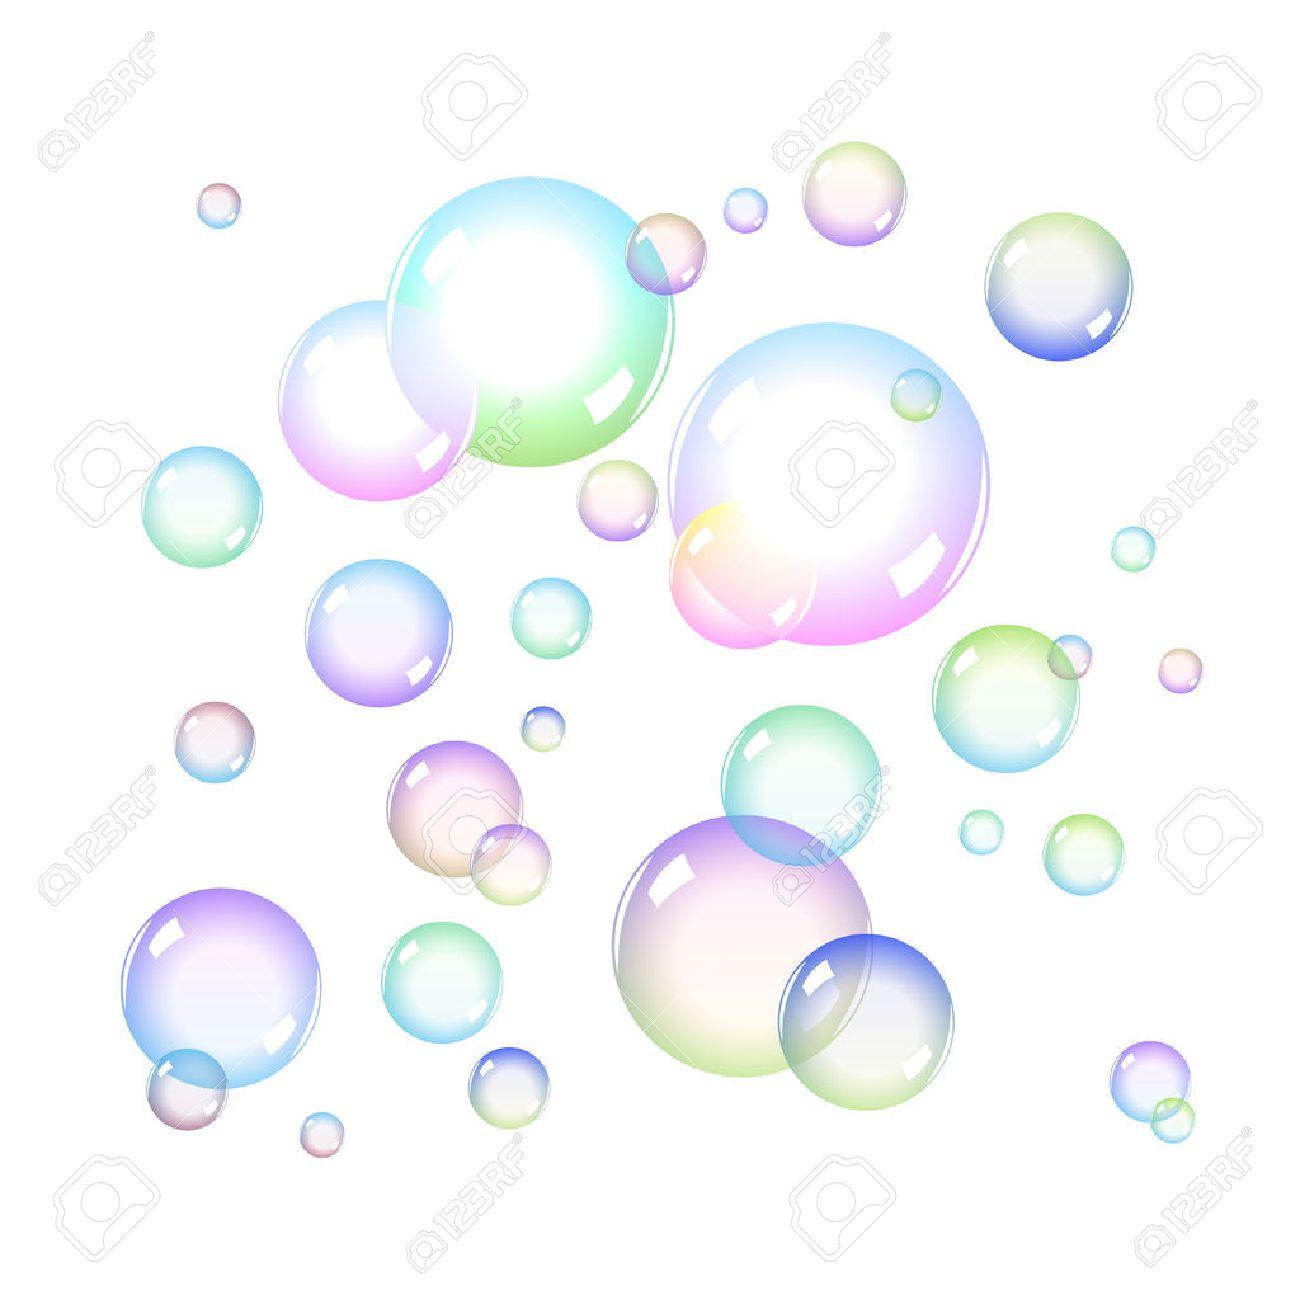 Soap bubbles clipart » Clipart Station.